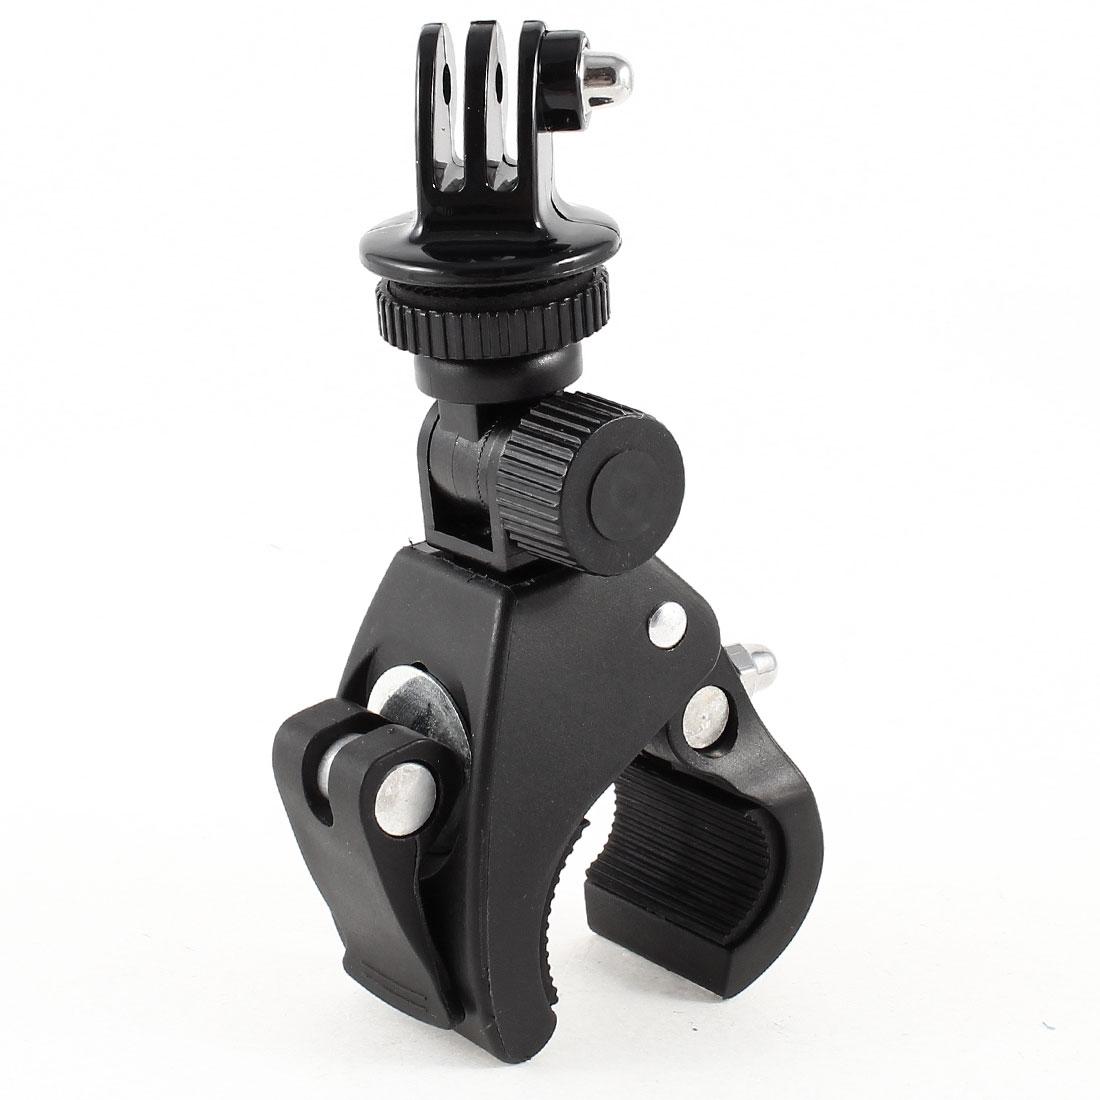 Camera Clamp Roll Bar Seat Post TILT Mount for Flip hd Kodac Drift Gopro Contour